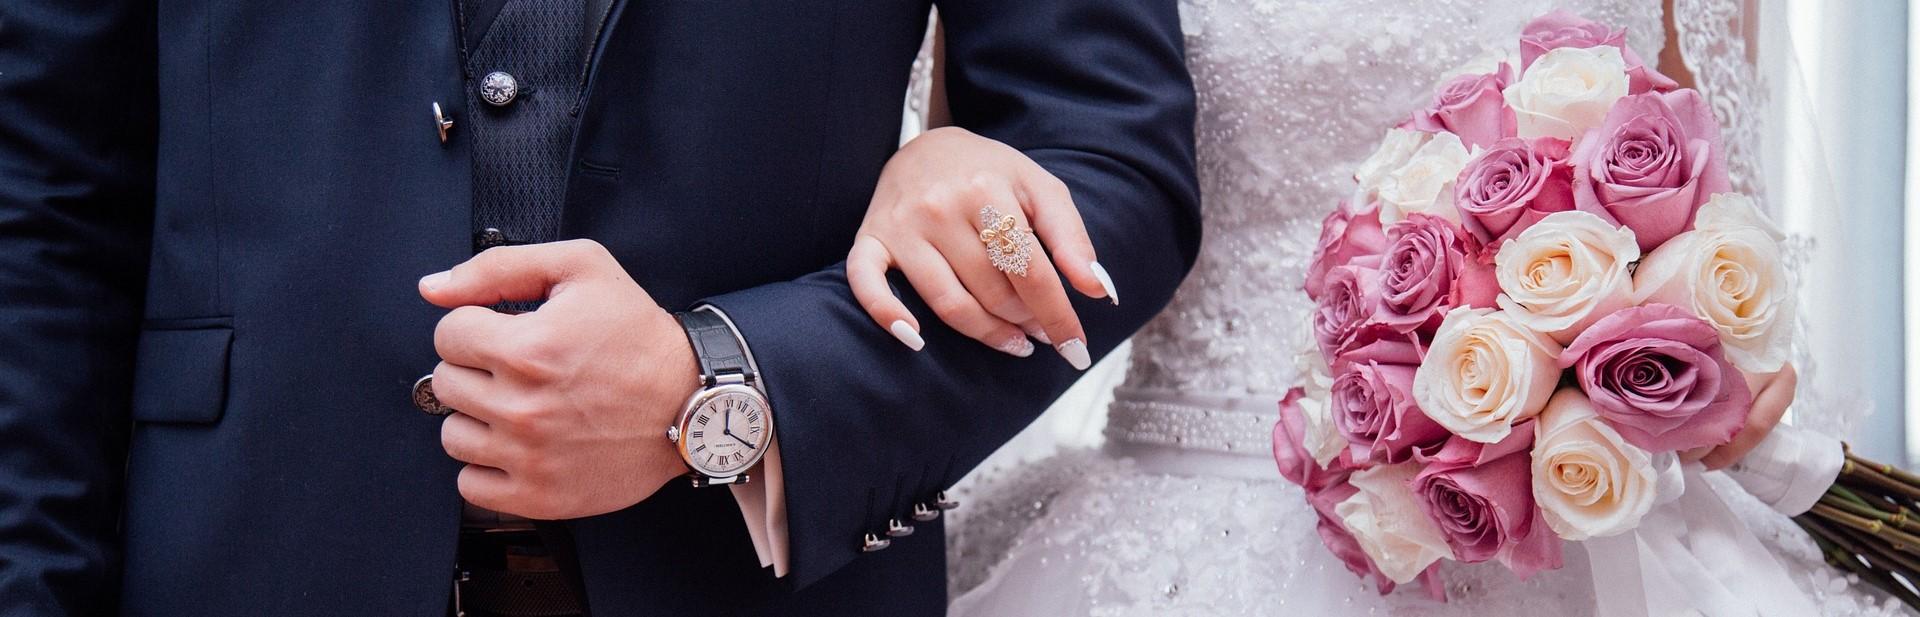 Heiraten kann dir helfen finanzielle Freiheit zu erlangen!